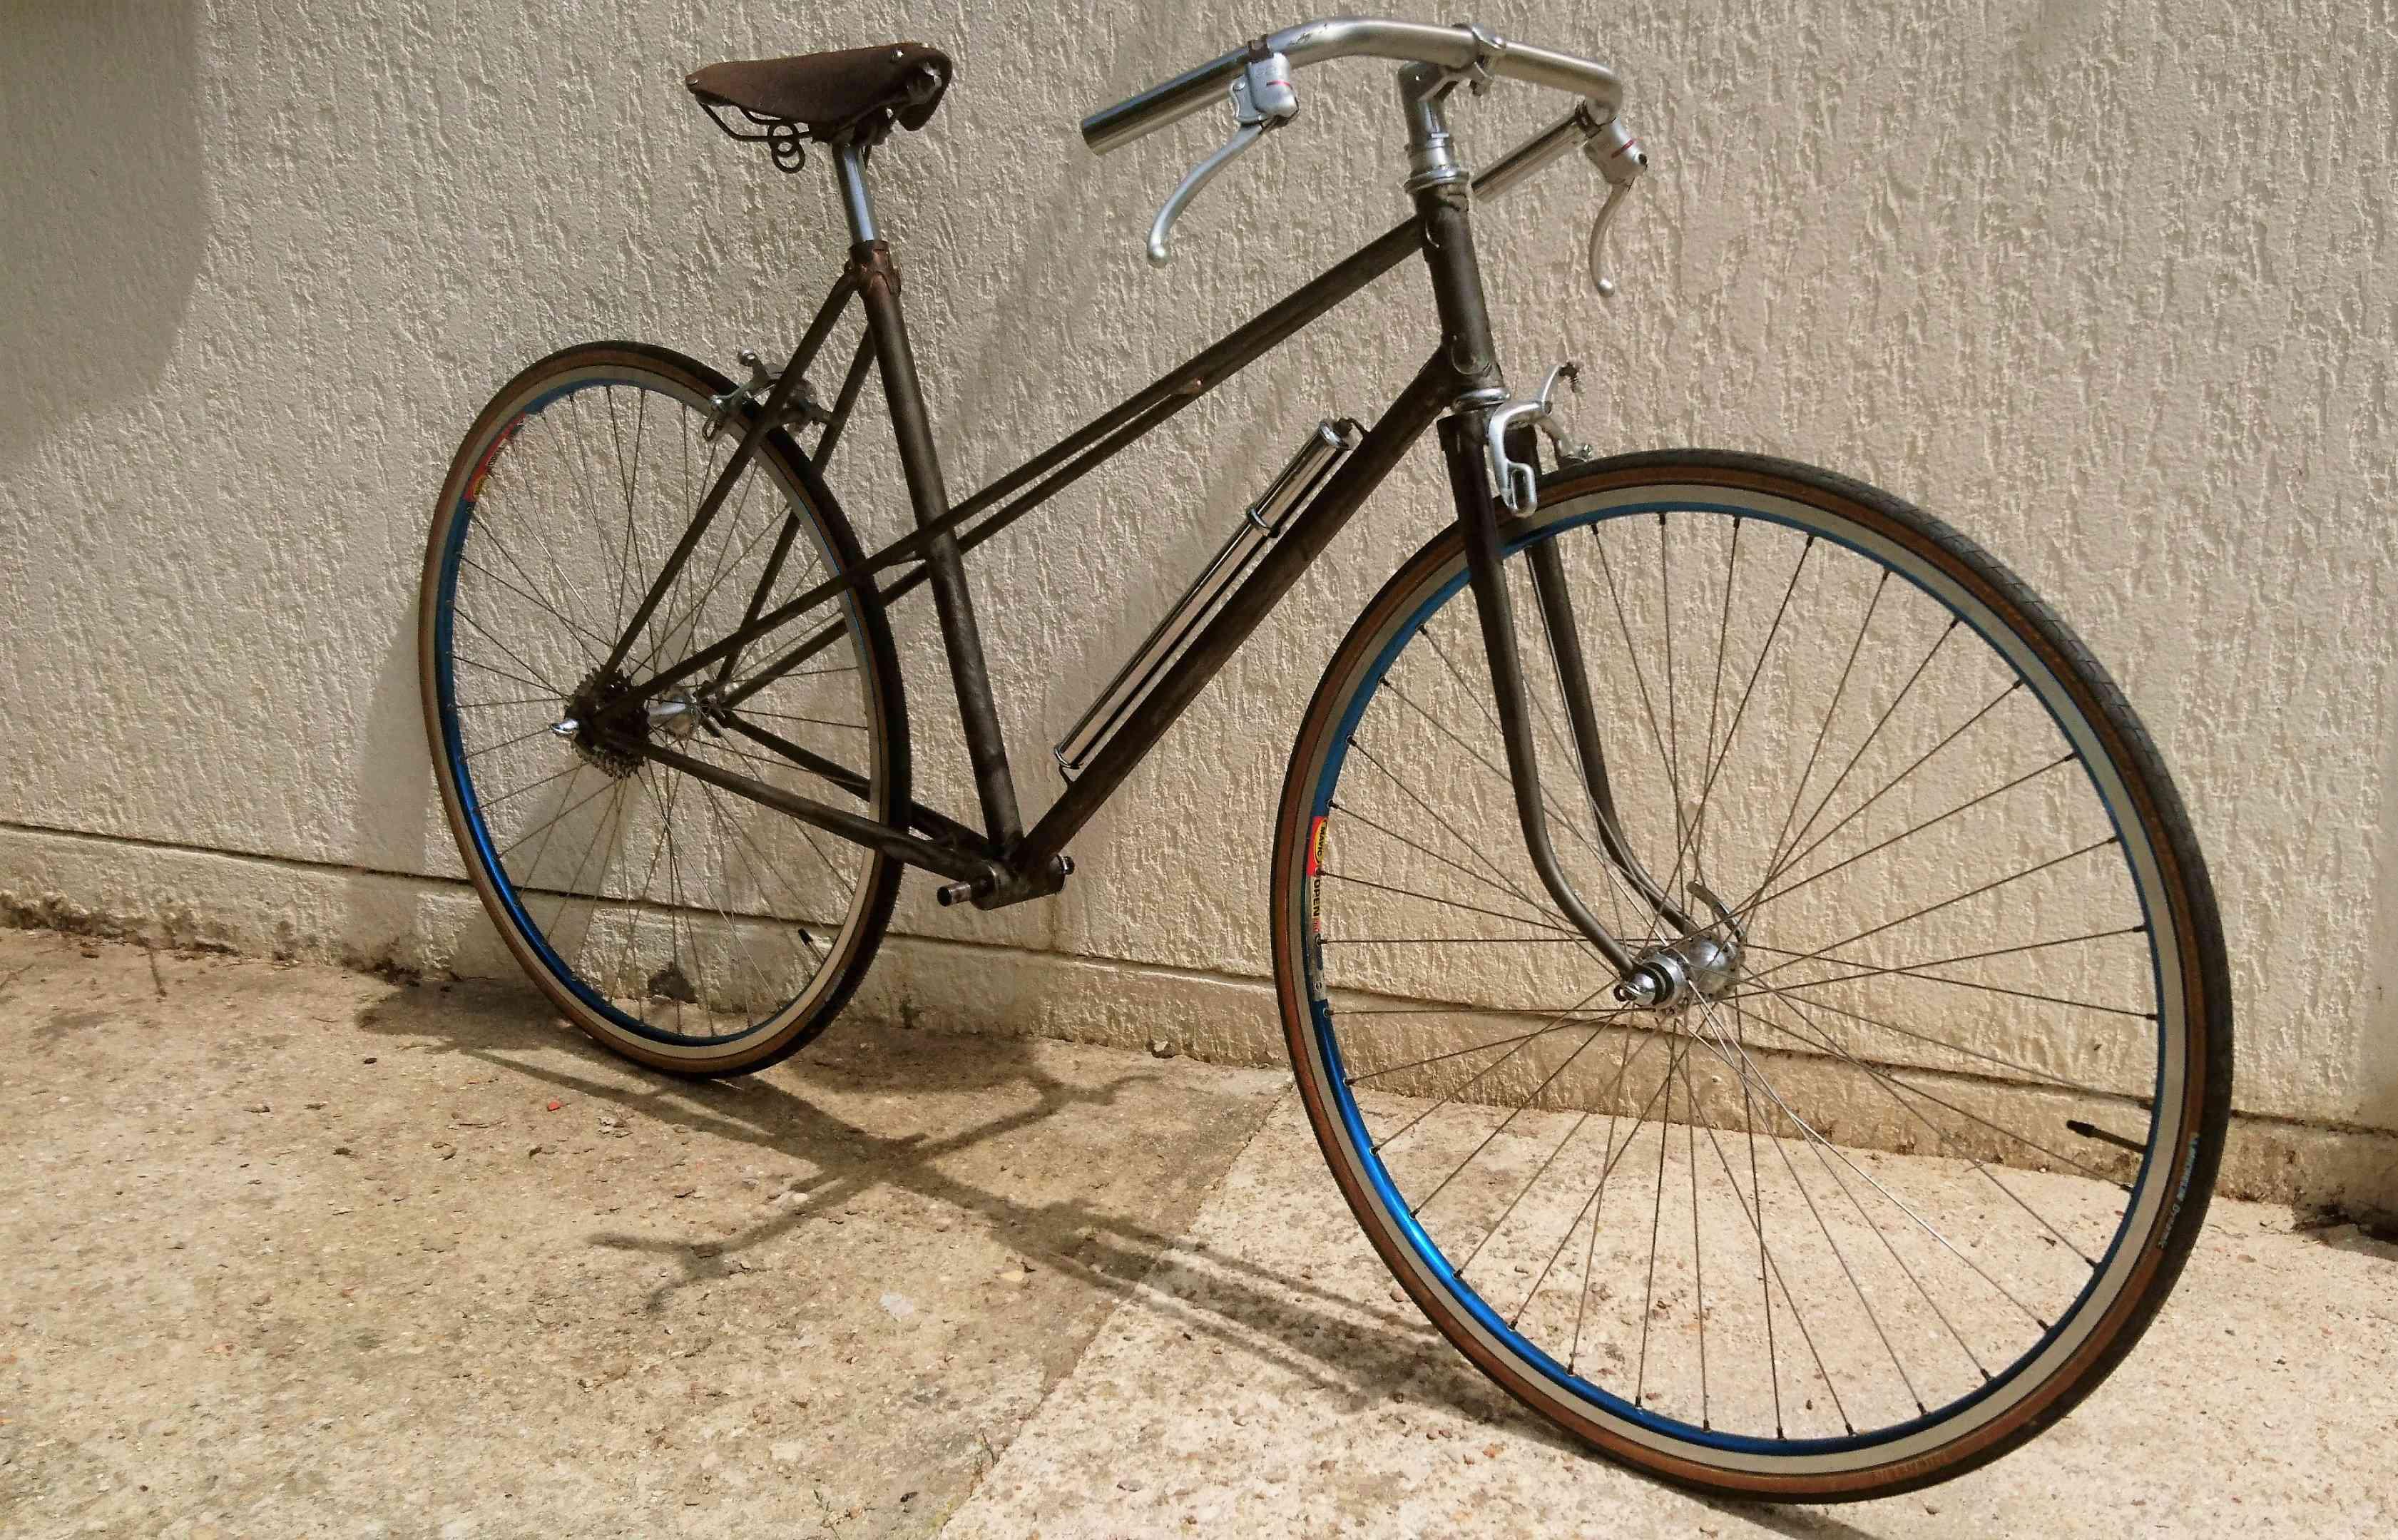 Vélo de ville femme / marque et année inconnue Dsc_9104